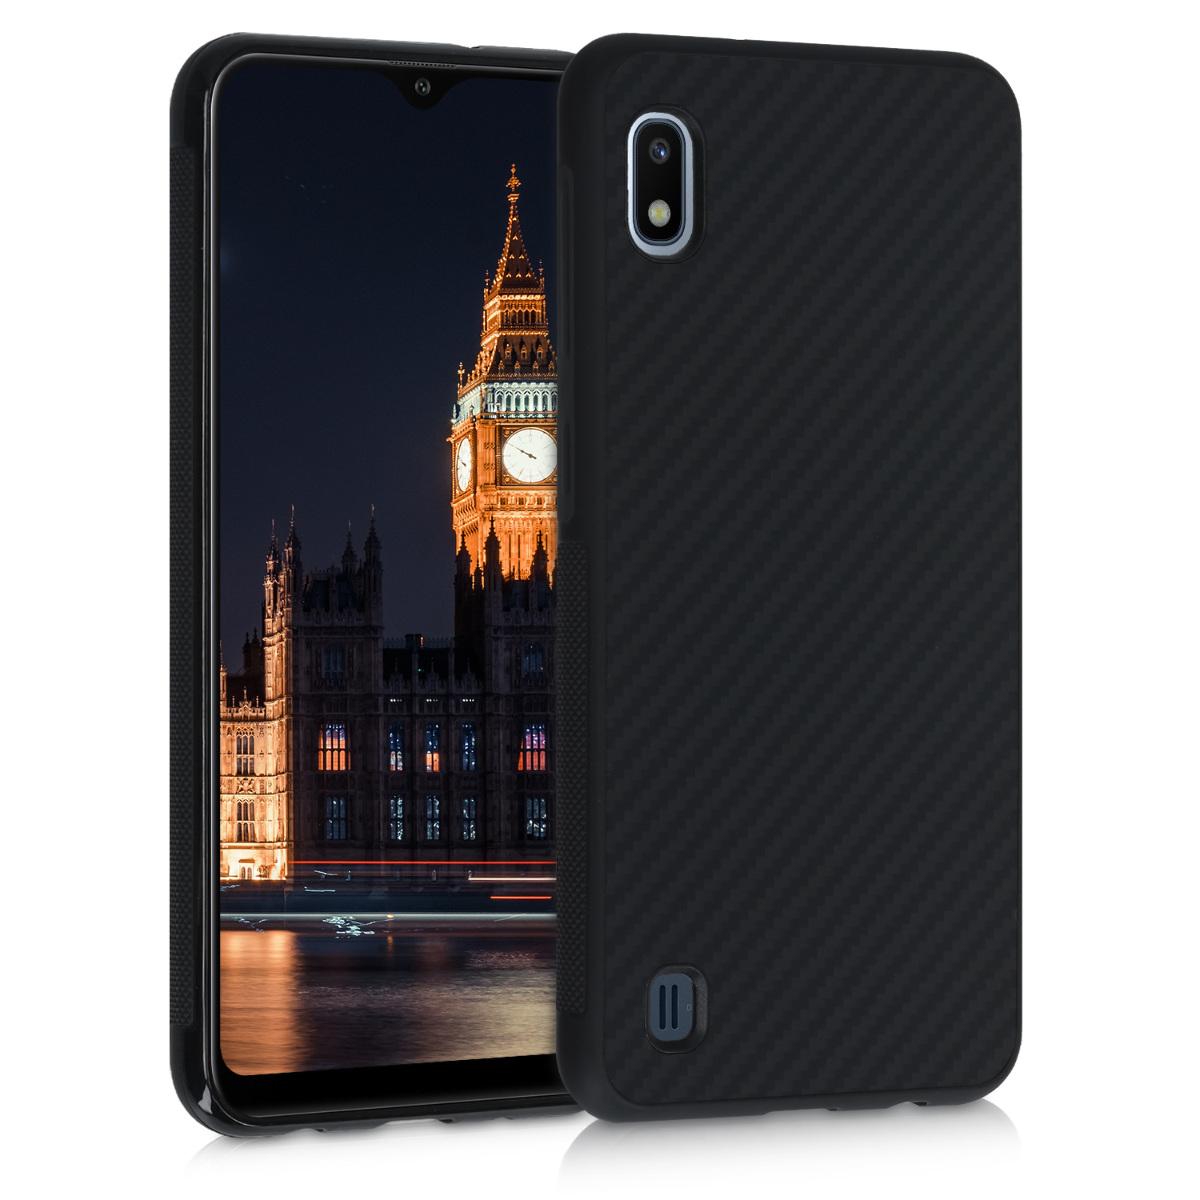 Aramidpouzdro pro Samsung A10 - černé matné